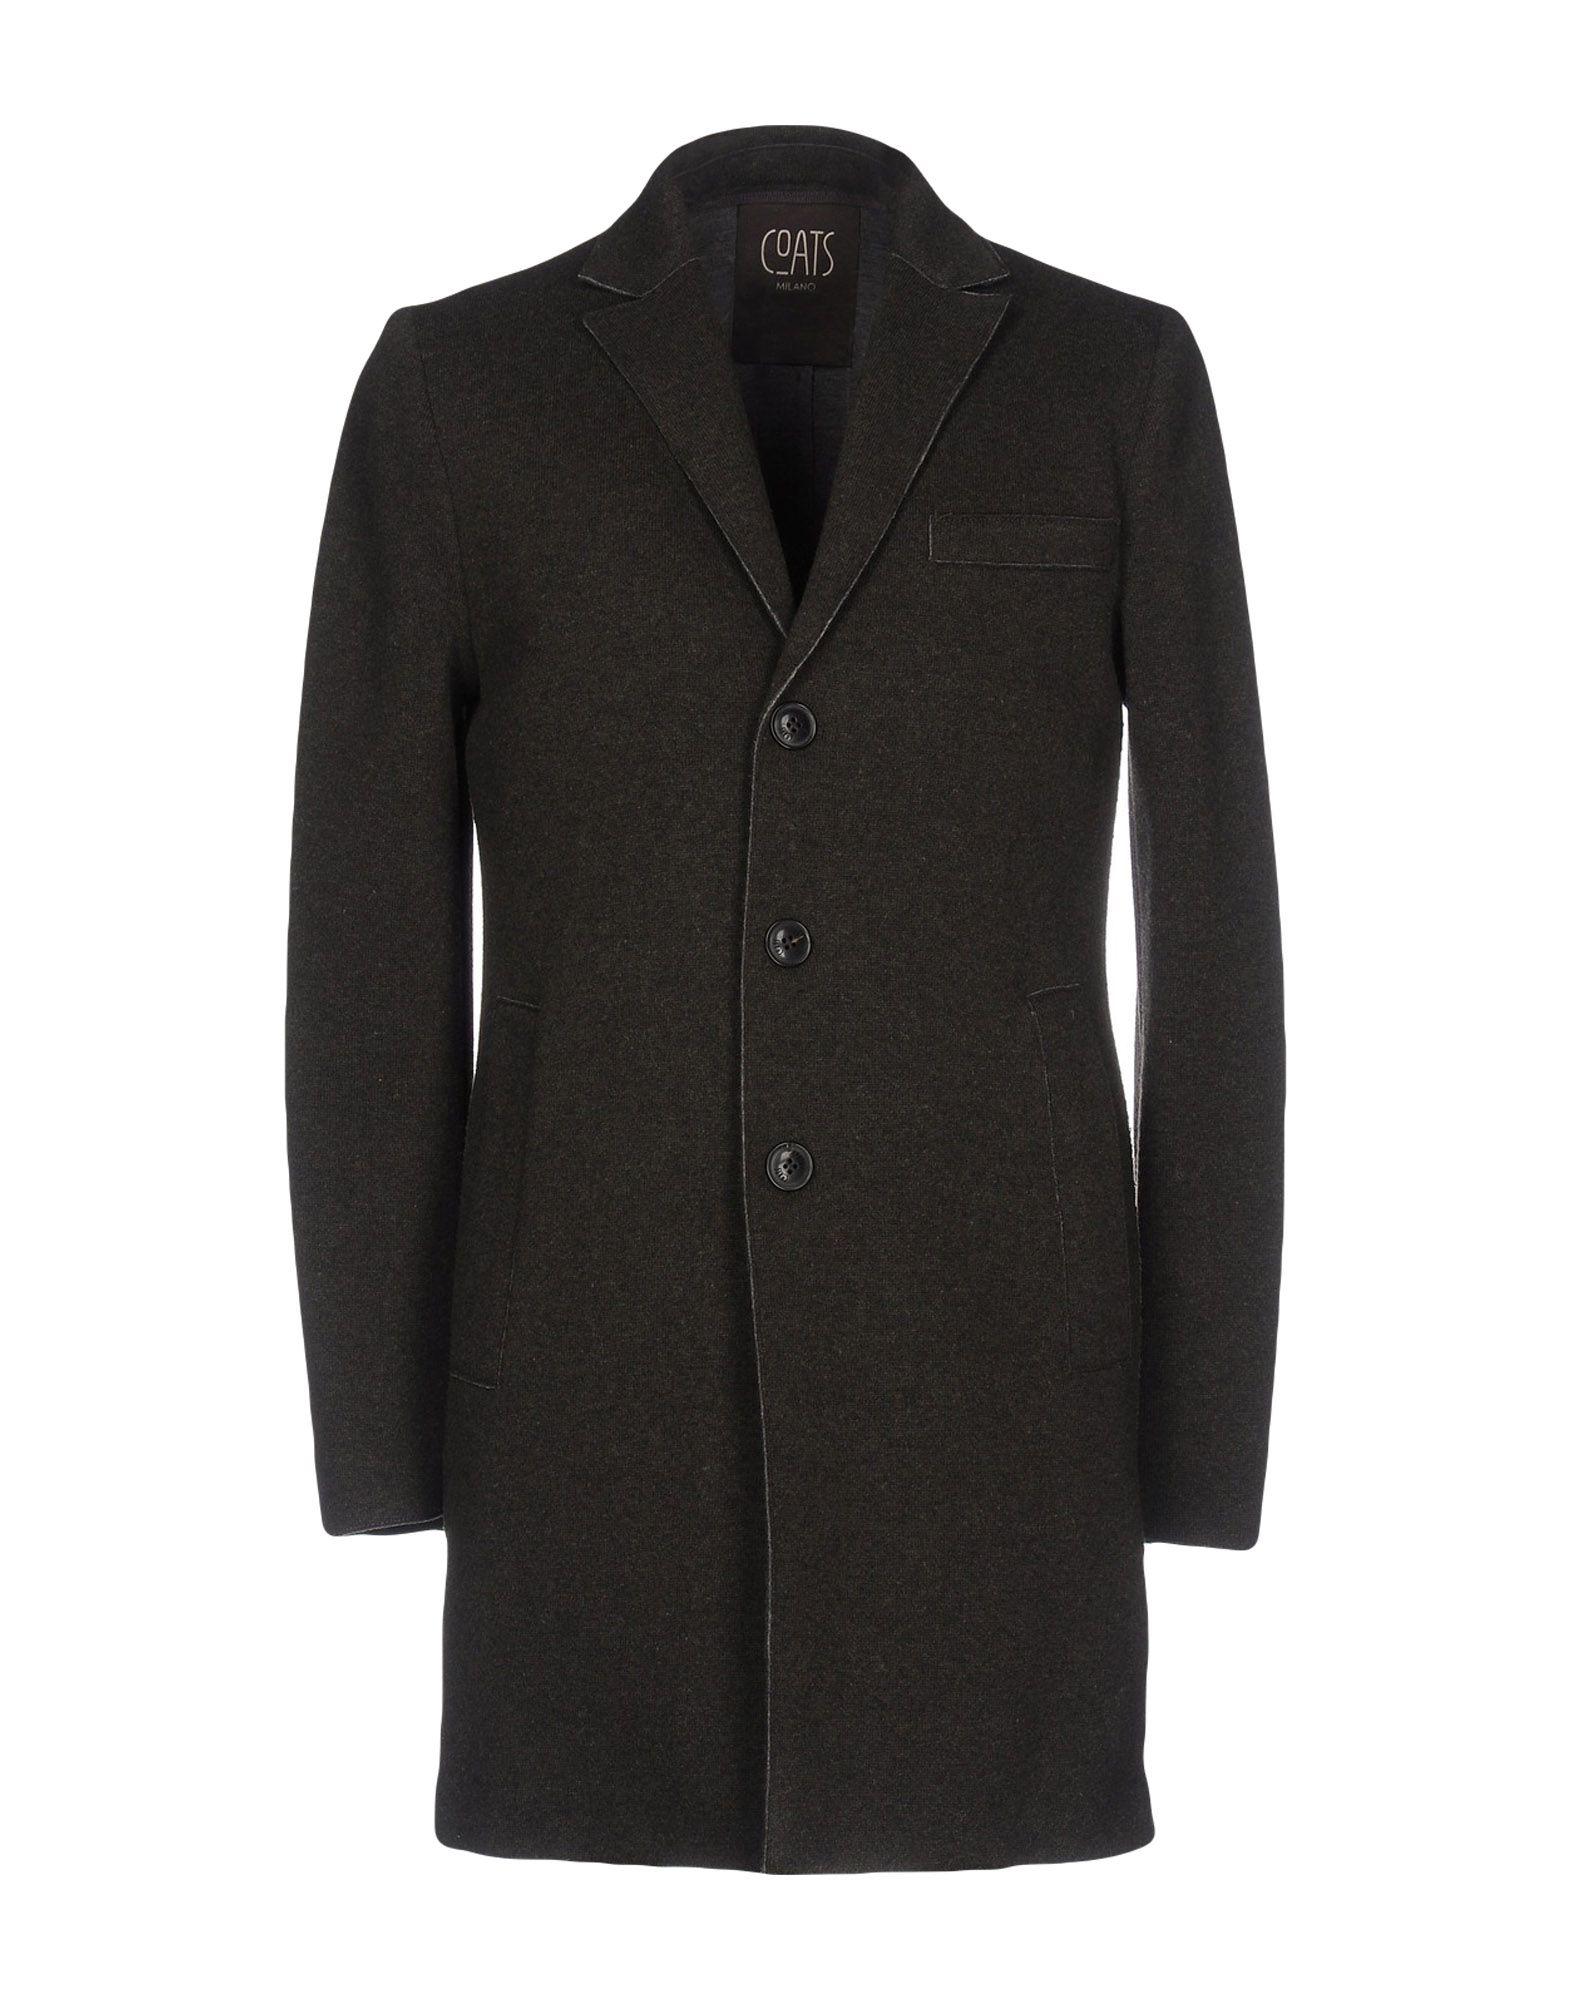 COATS Milano メンズ コート ミリタリーグリーン 50 レーヨン 42% / バージンウール 40% / ナイロン 14% / ポリウレタン 3% / 指定外繊維 1%